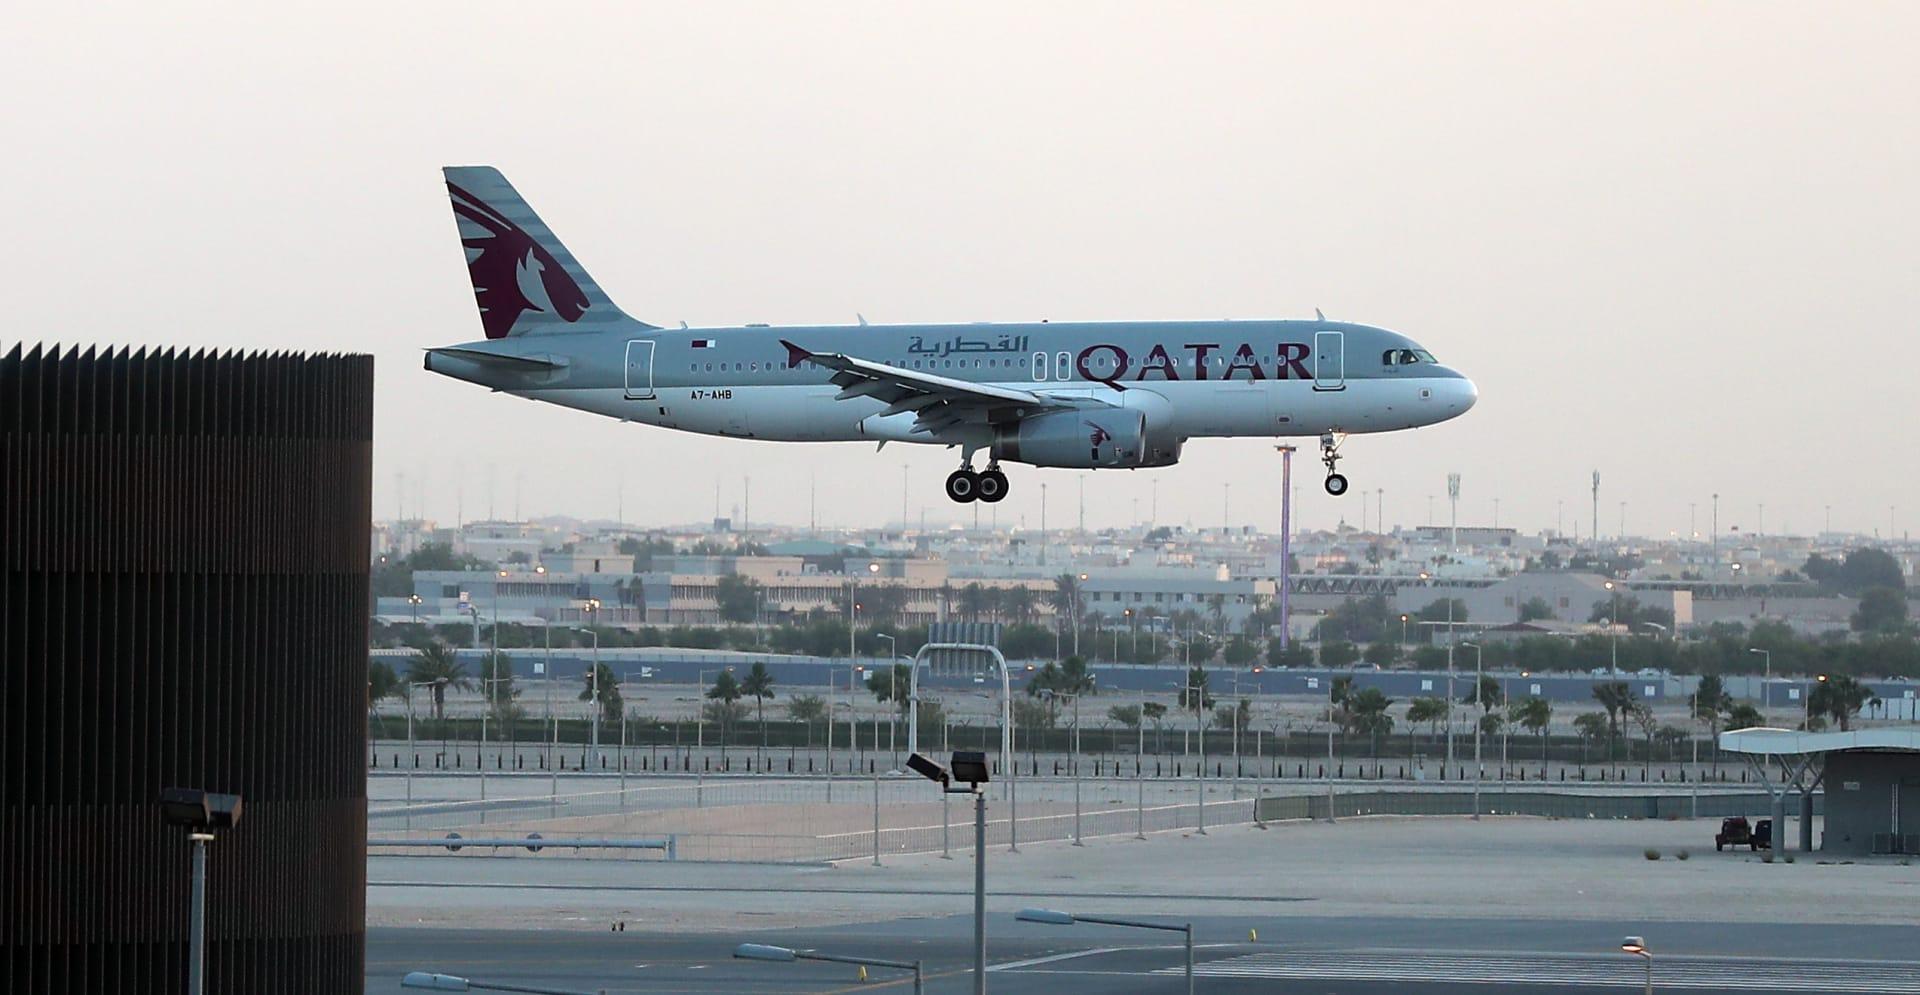 محكمة العدل الدولية تحكم باختصاص مجلس الطيران المدني بشكوى قطر.. وهذه مواقف الرياض وأبوظبي والدوحة